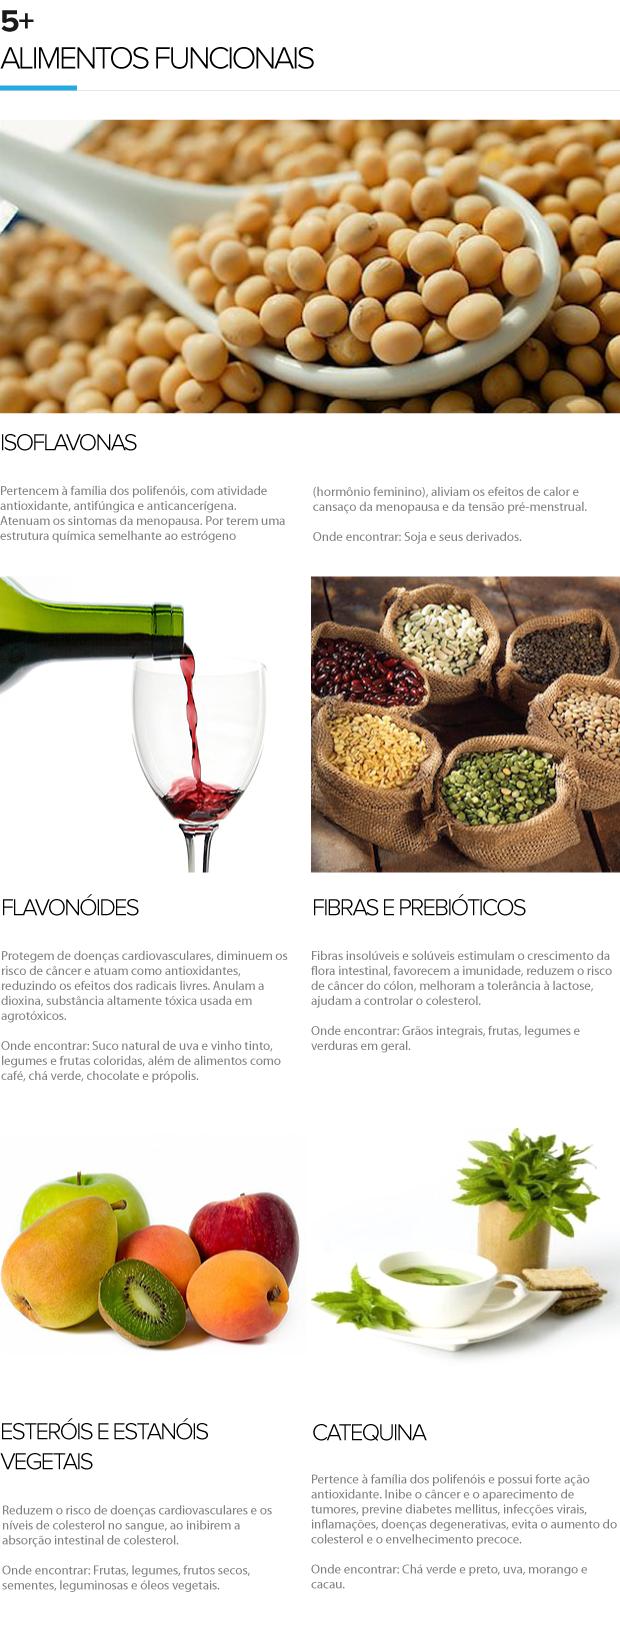 euatleta 5+ alimentos funcionais 2 (Foto: Editoria de Arte / Globoesporte.com)